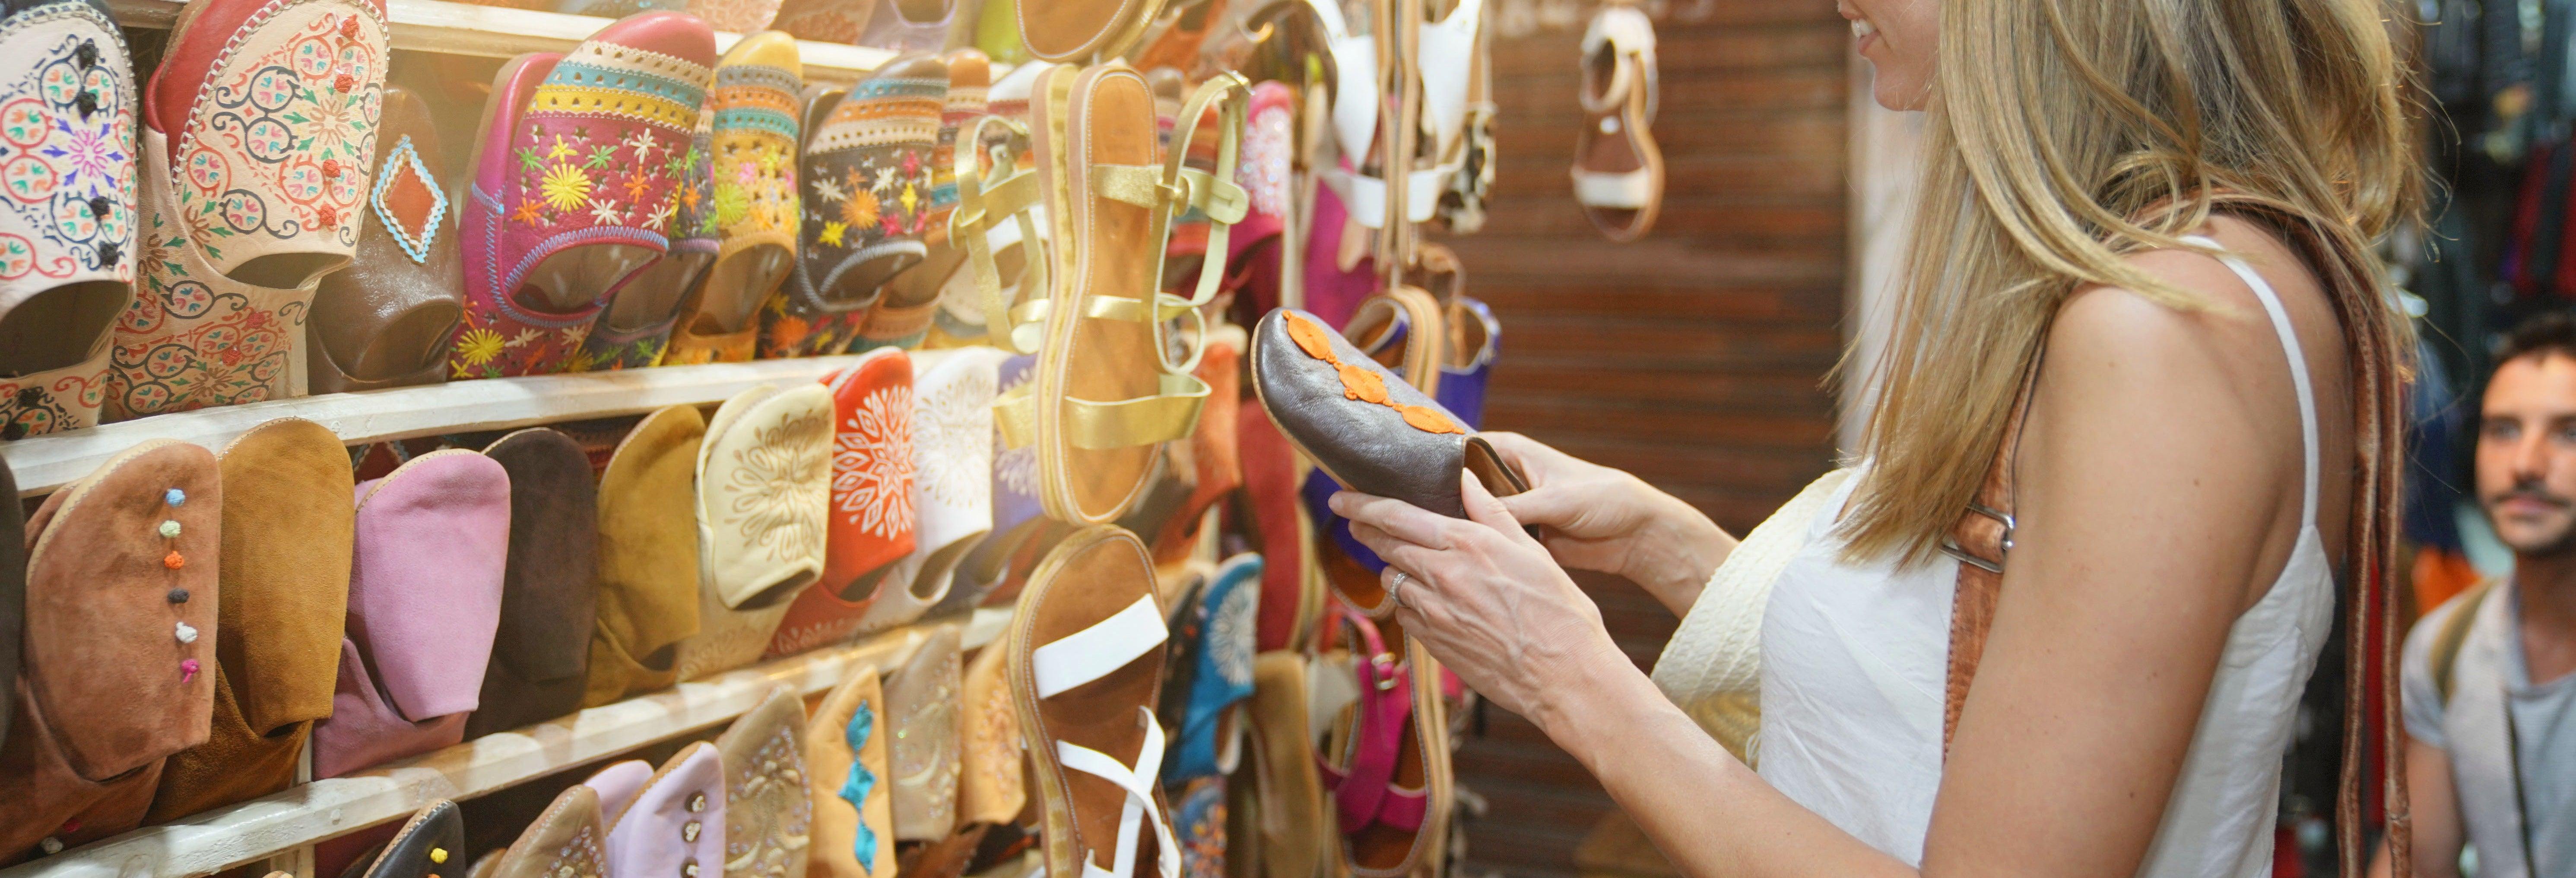 Tour de compras pela Medina